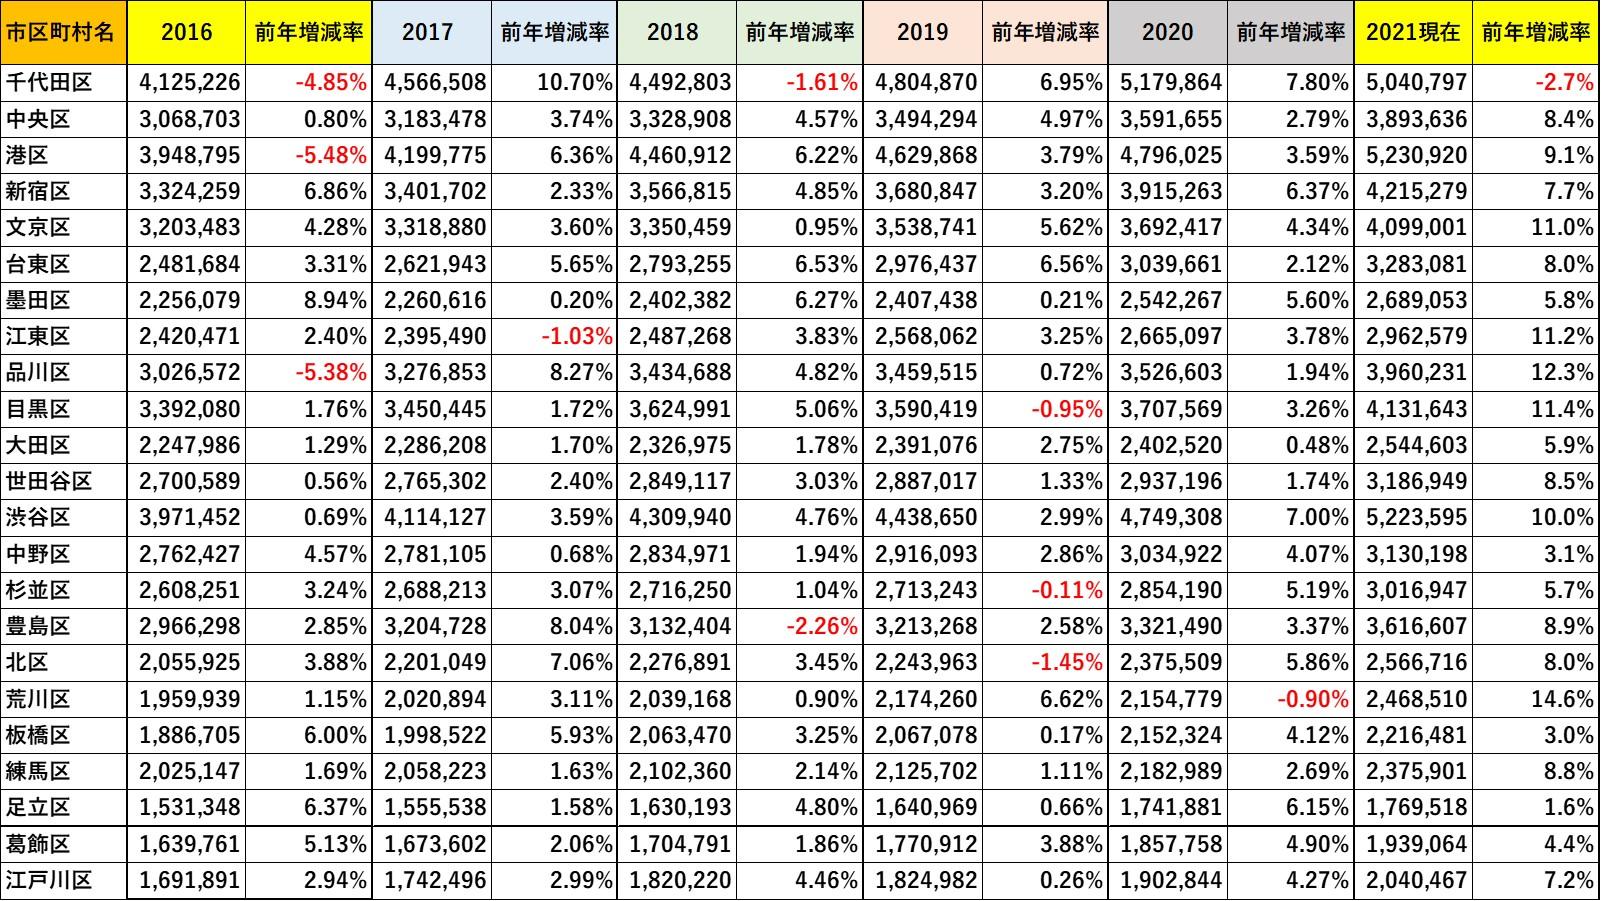 過去5年間の「平均成約坪単価」と「前年比増減率」 ※マンションリサーチ株式会社調べ